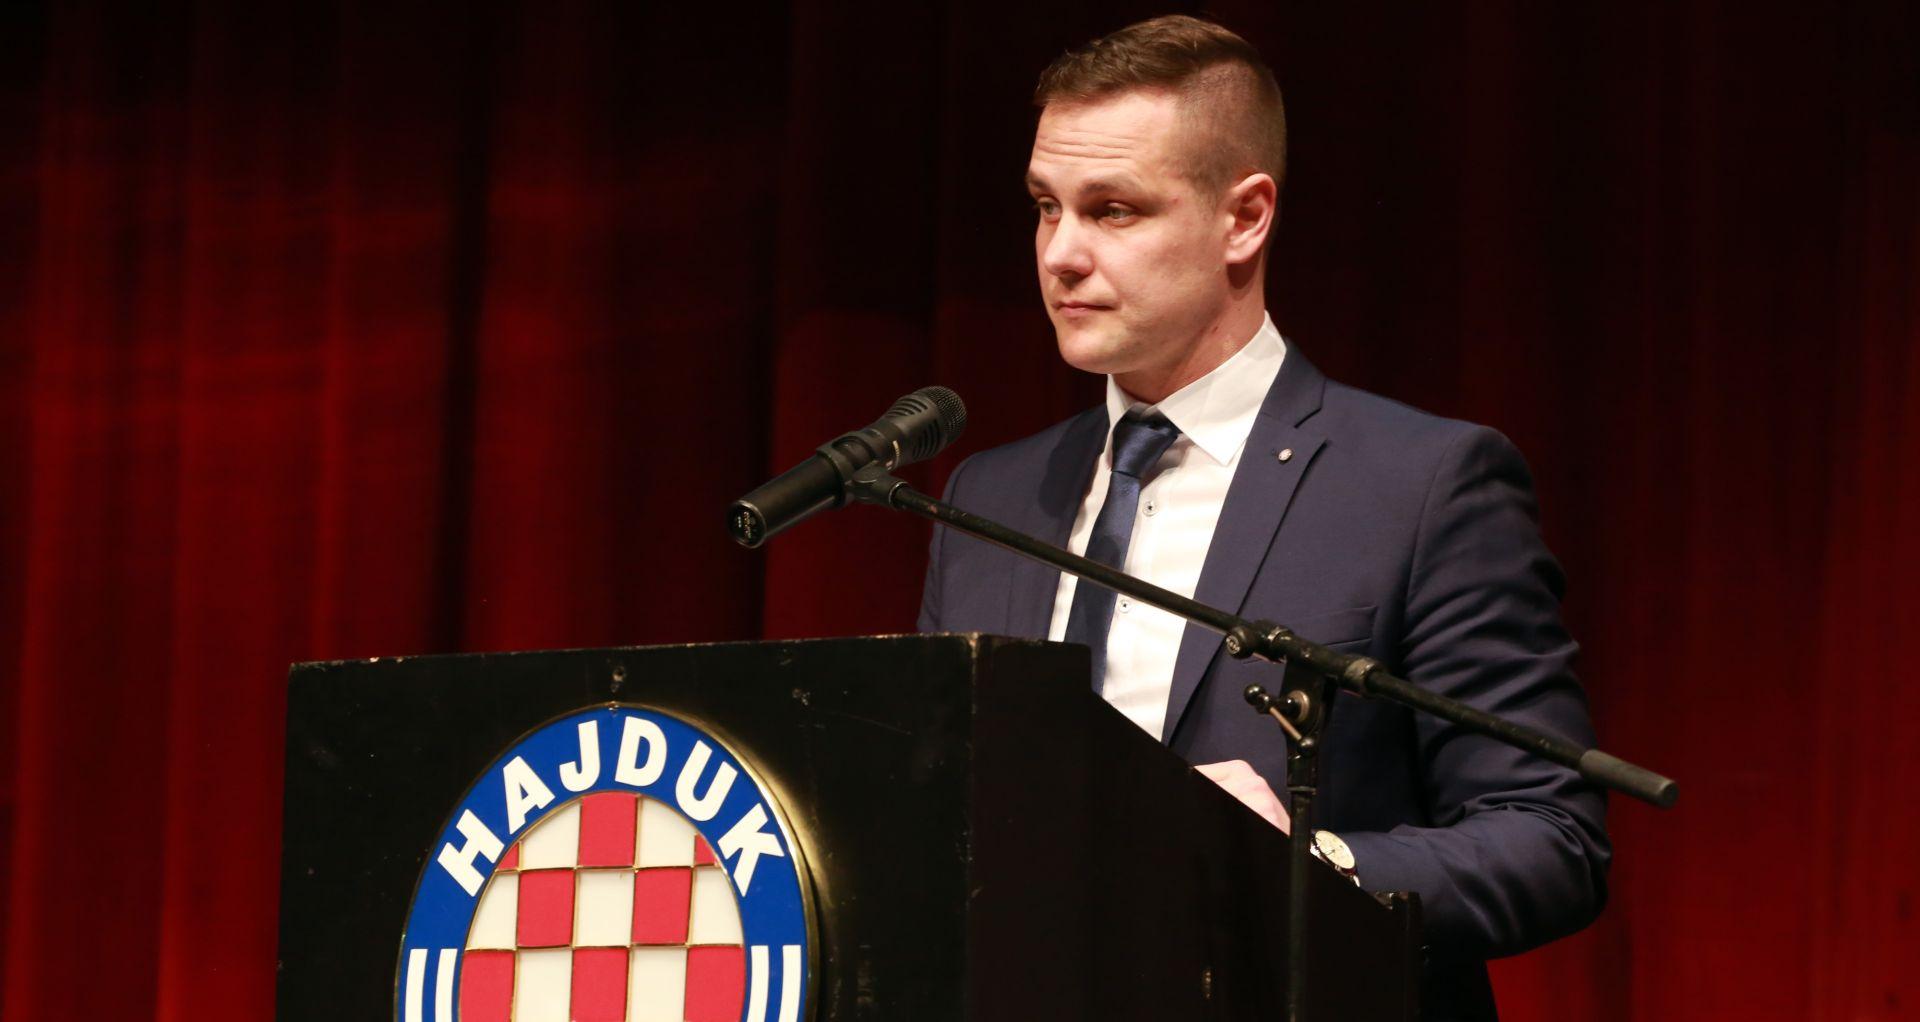 Svečano obilježena 106. godišnjica osnutka Hajduka